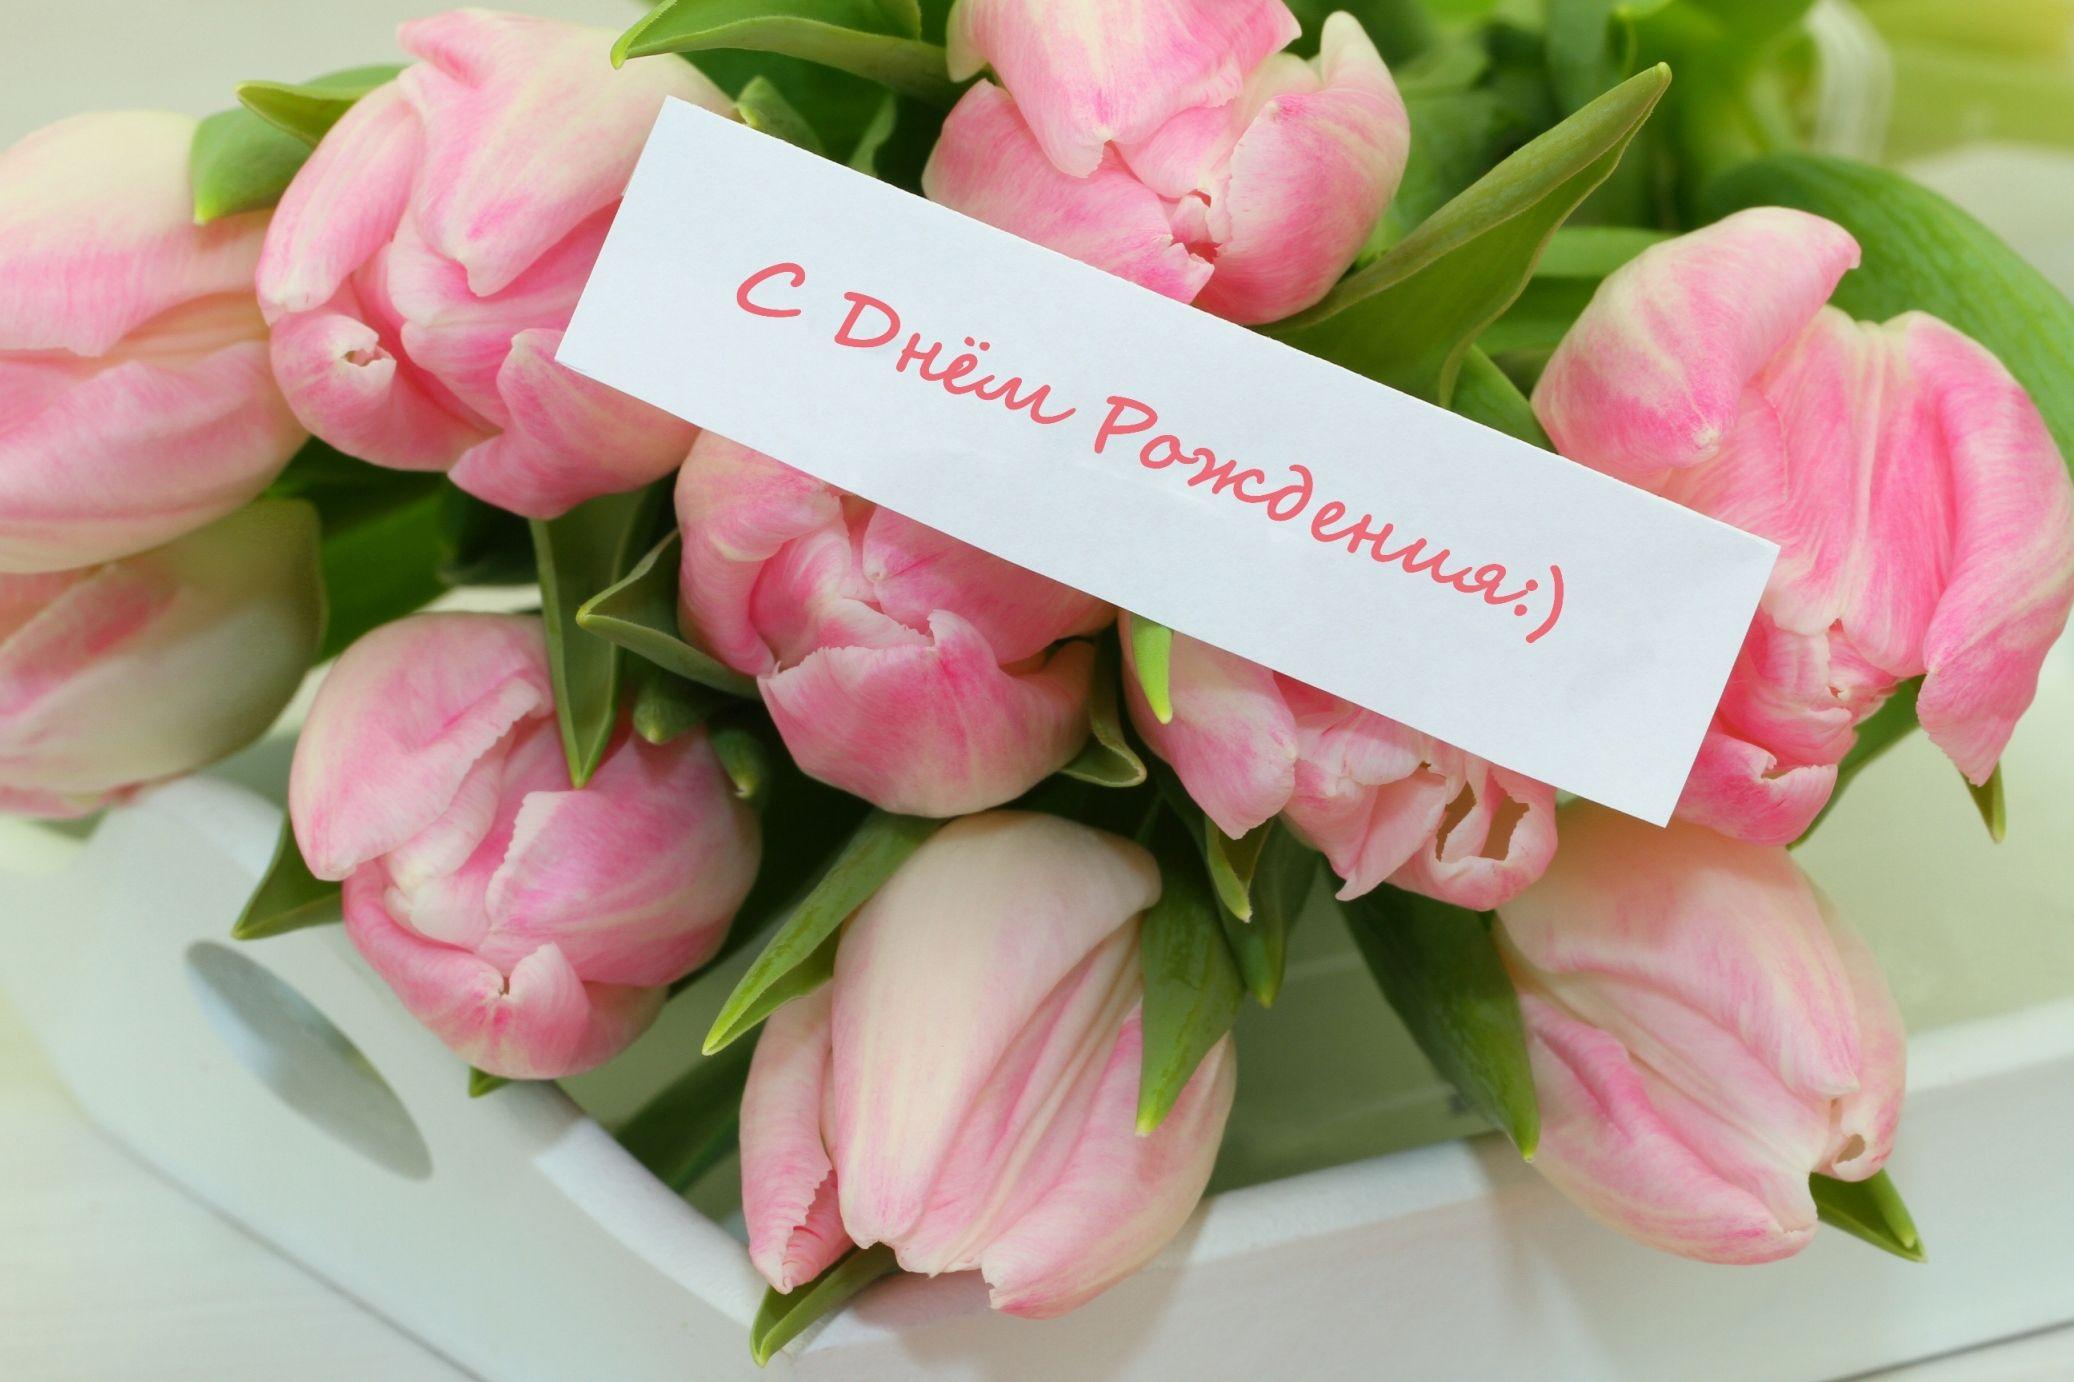 Крутую картинку, с днем рождения картинки тюльпаны красивые